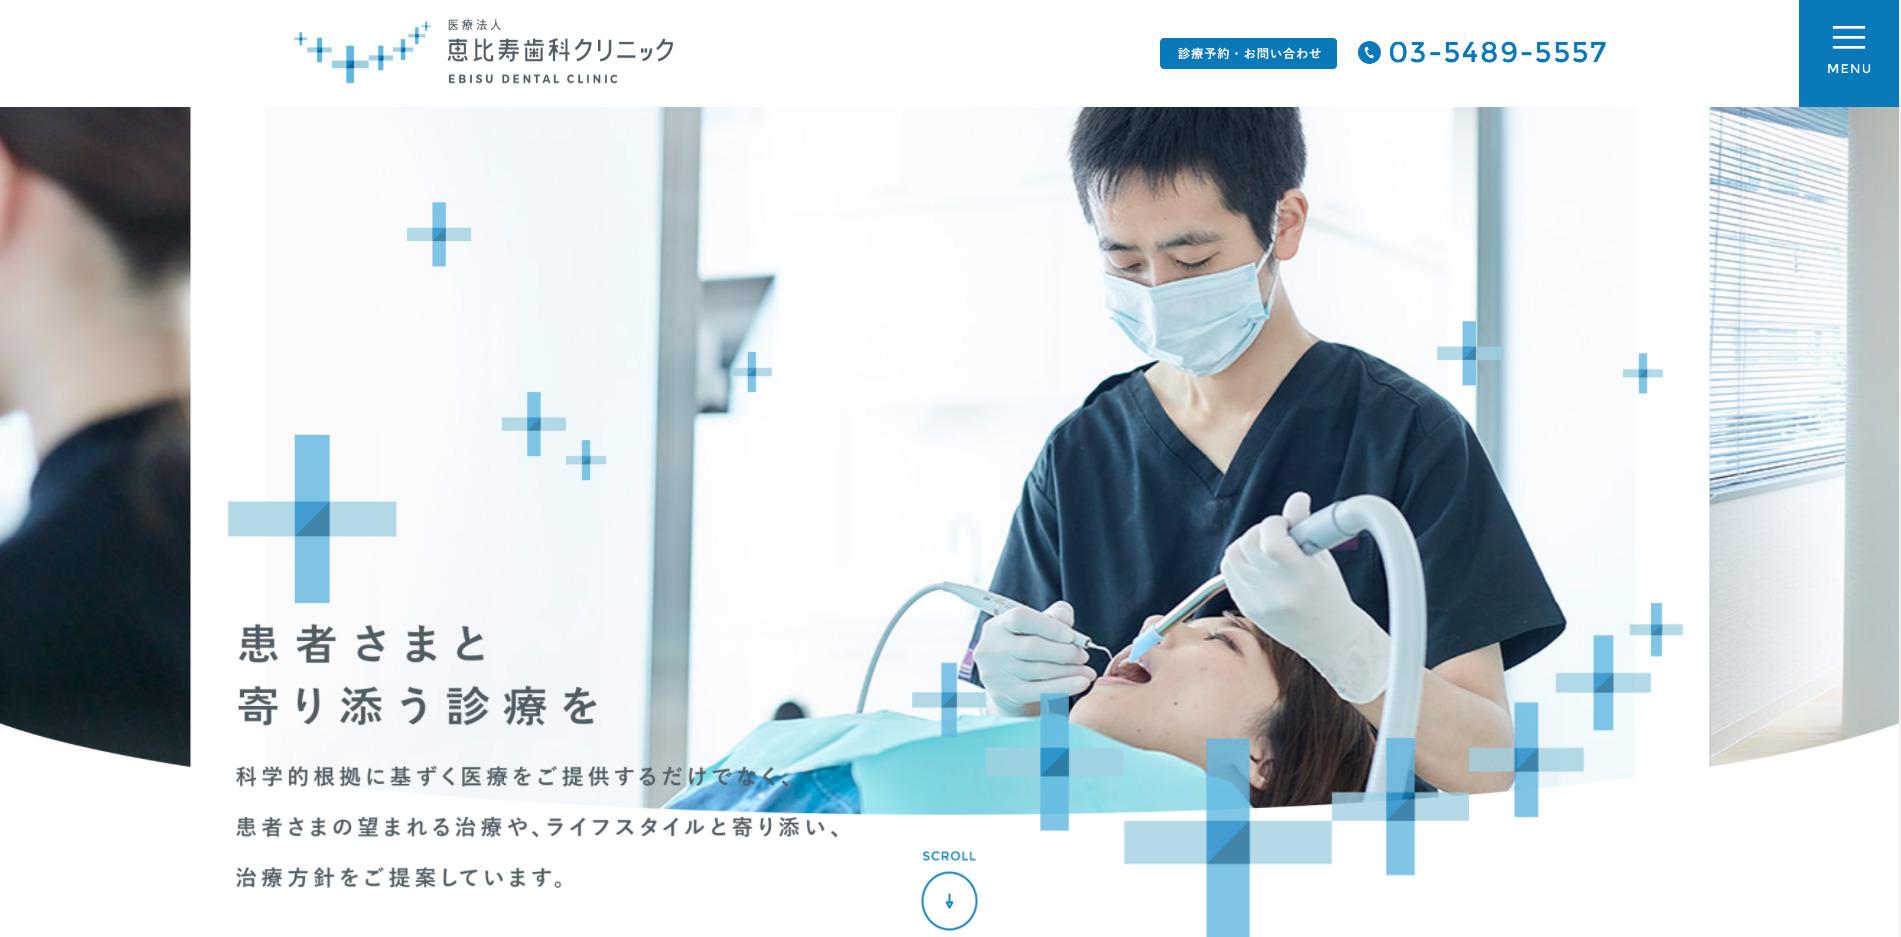 恵比寿歯科